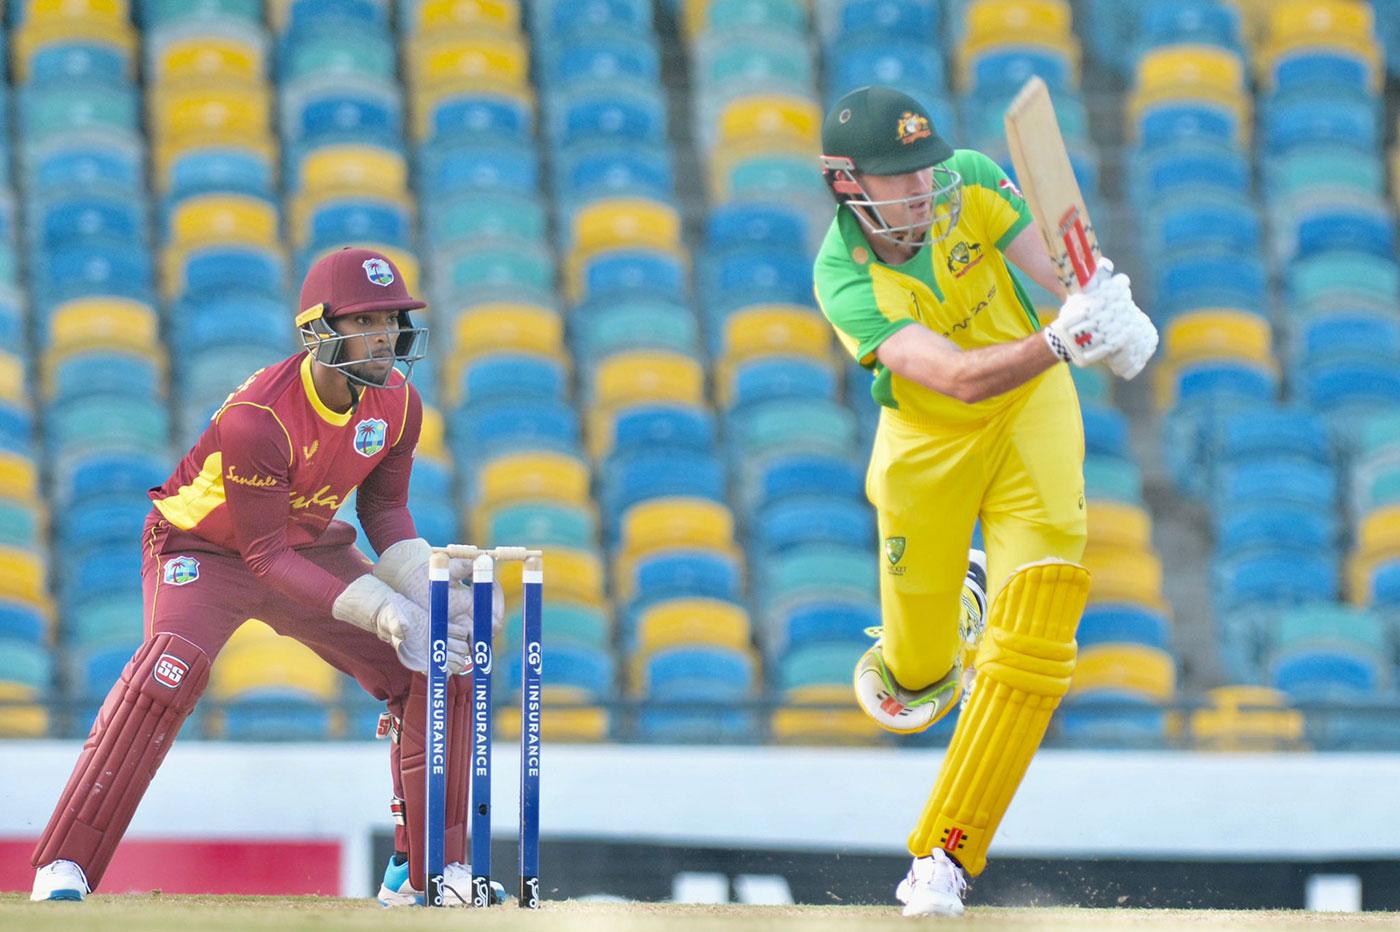 Ashton Turner scored 49 runs | Getty